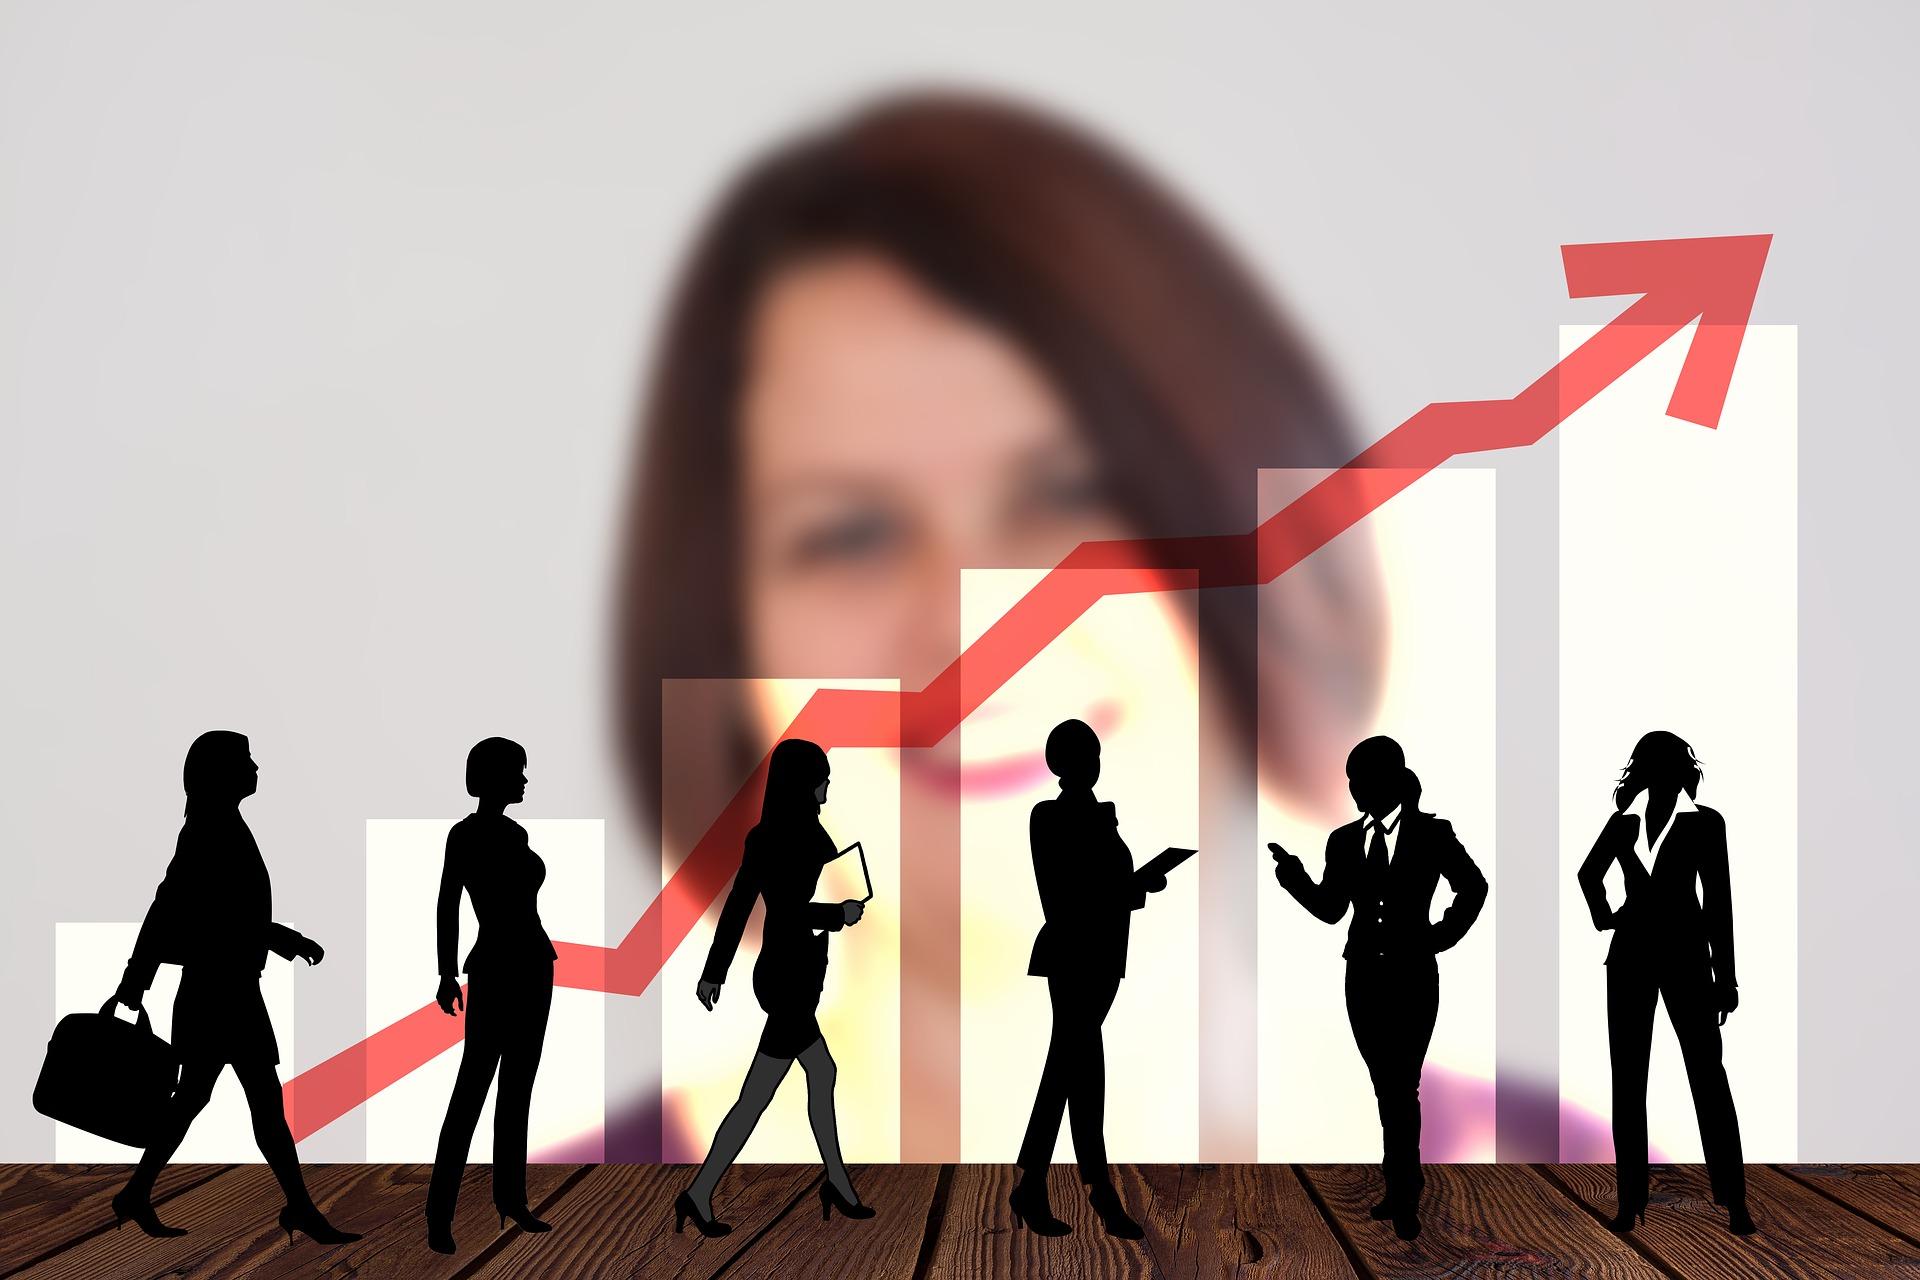 Učešće žena u svetu preduzetništva – David protiv Golijata?